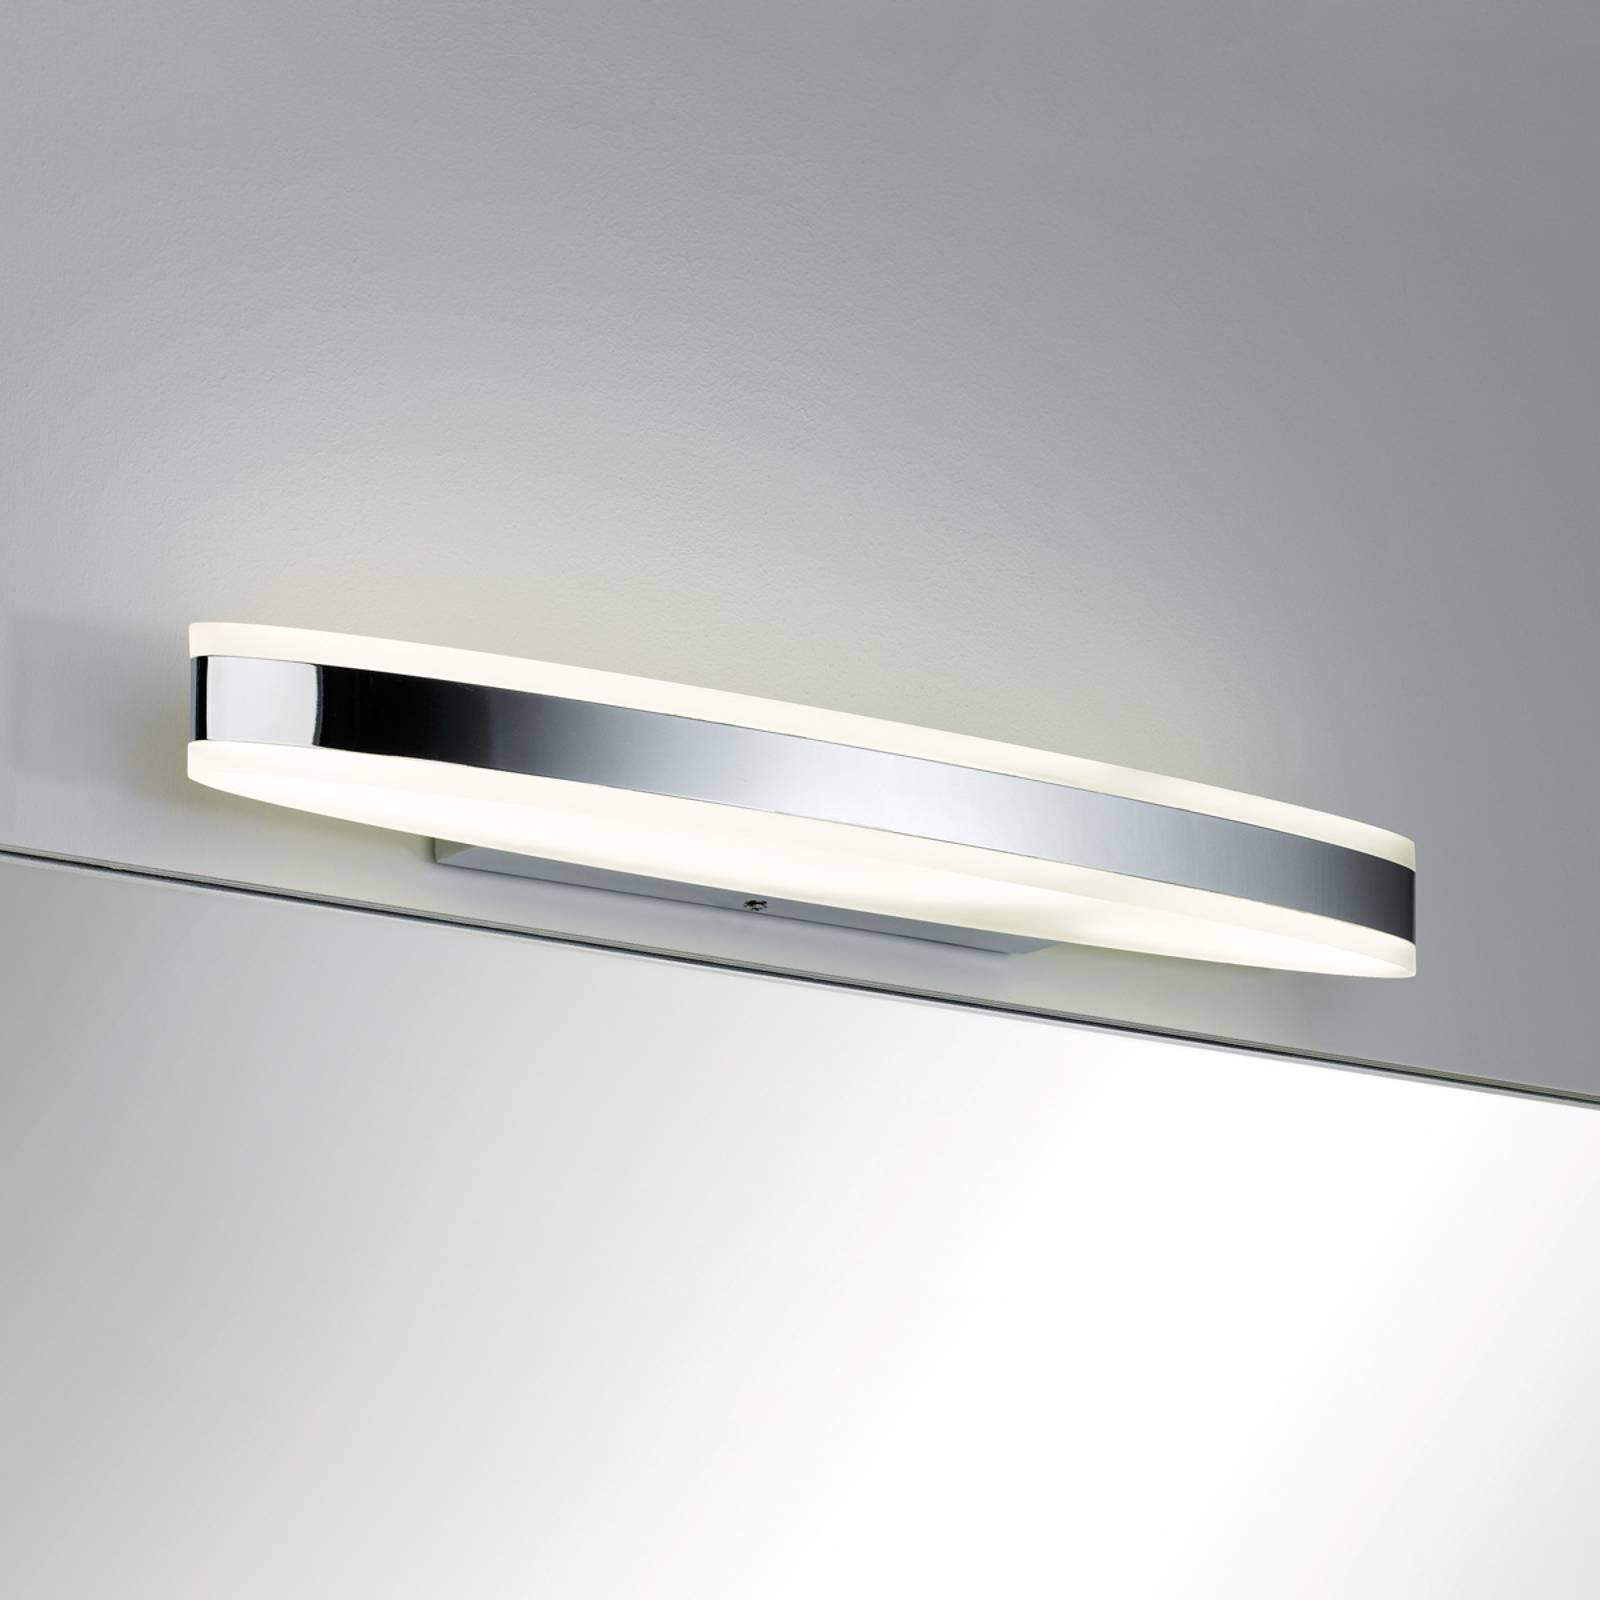 Pitkänomainen Kuma-LED-seinävalaisin